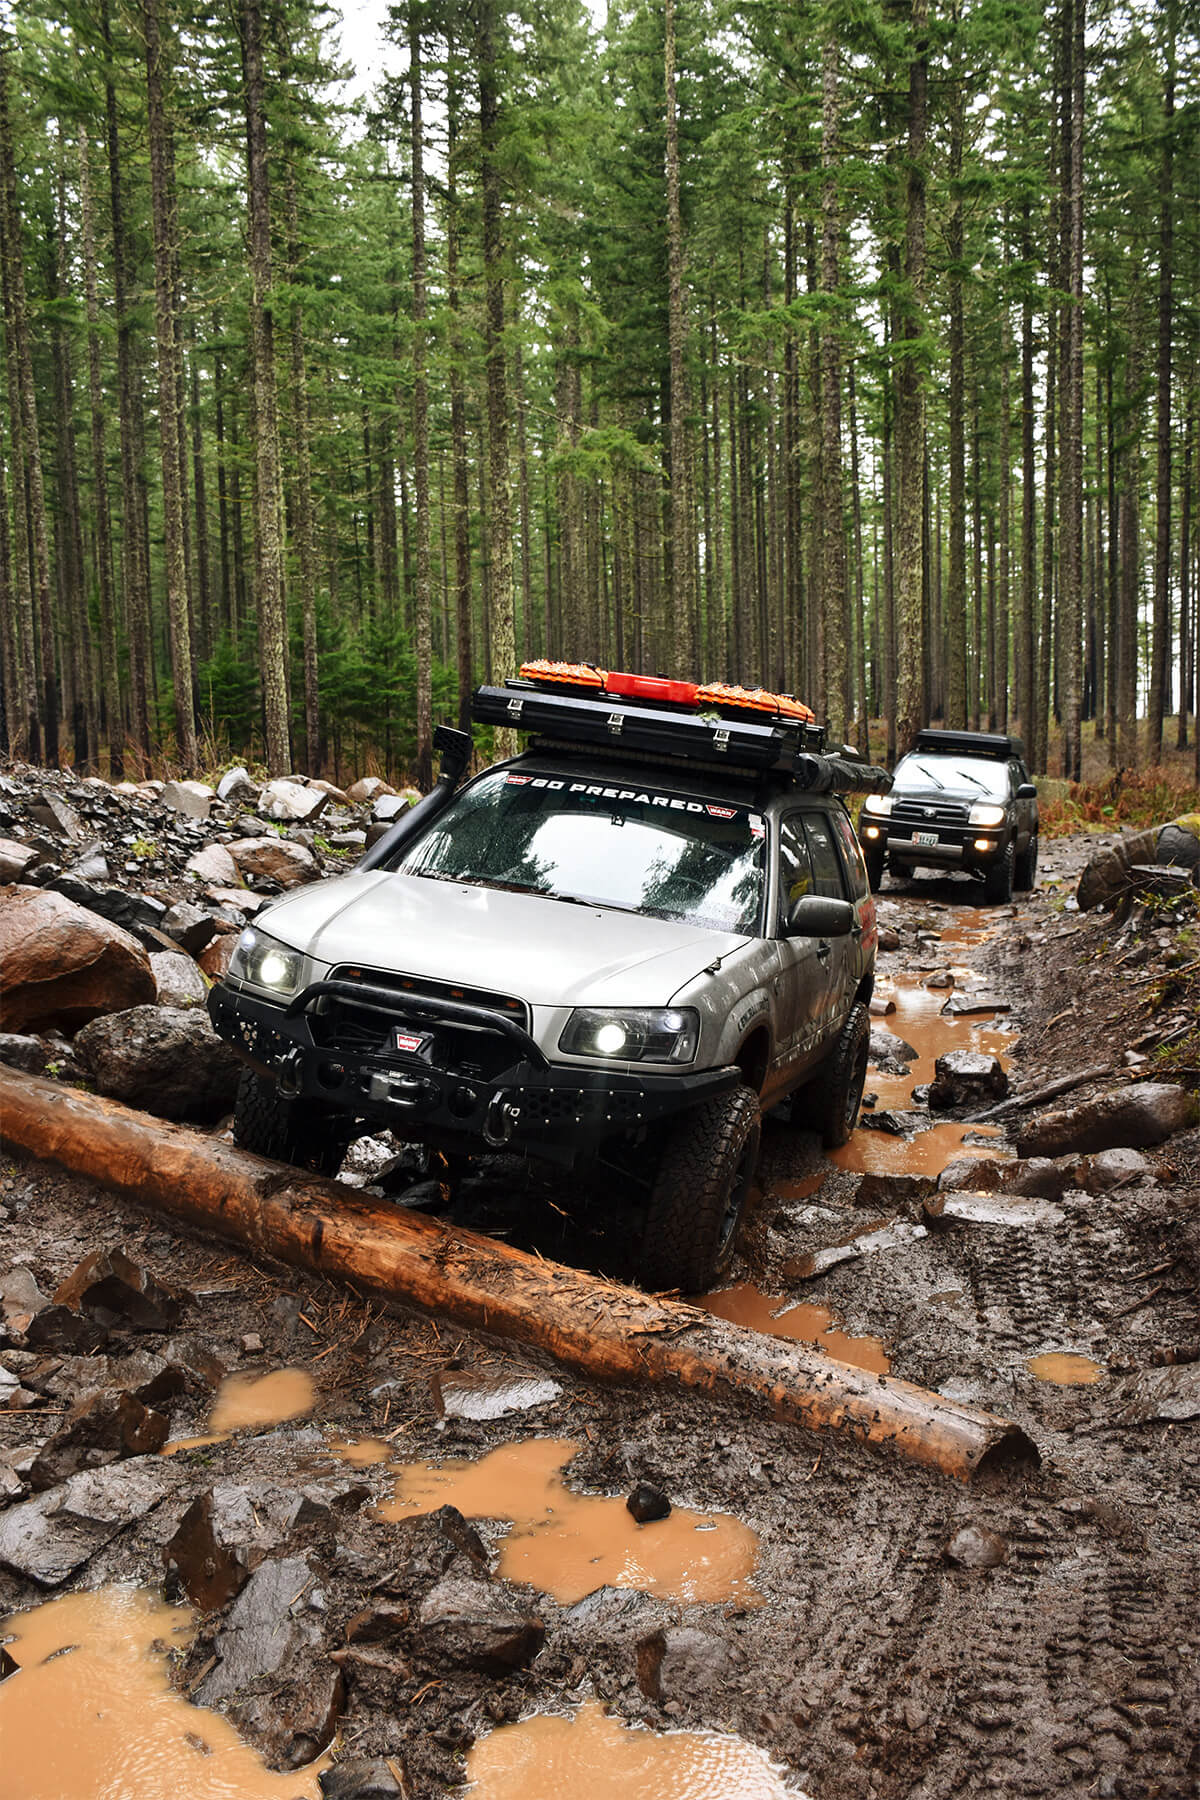 Subaru forester steel offroad bumper & Warn VR-8S 8000 lbs Winch